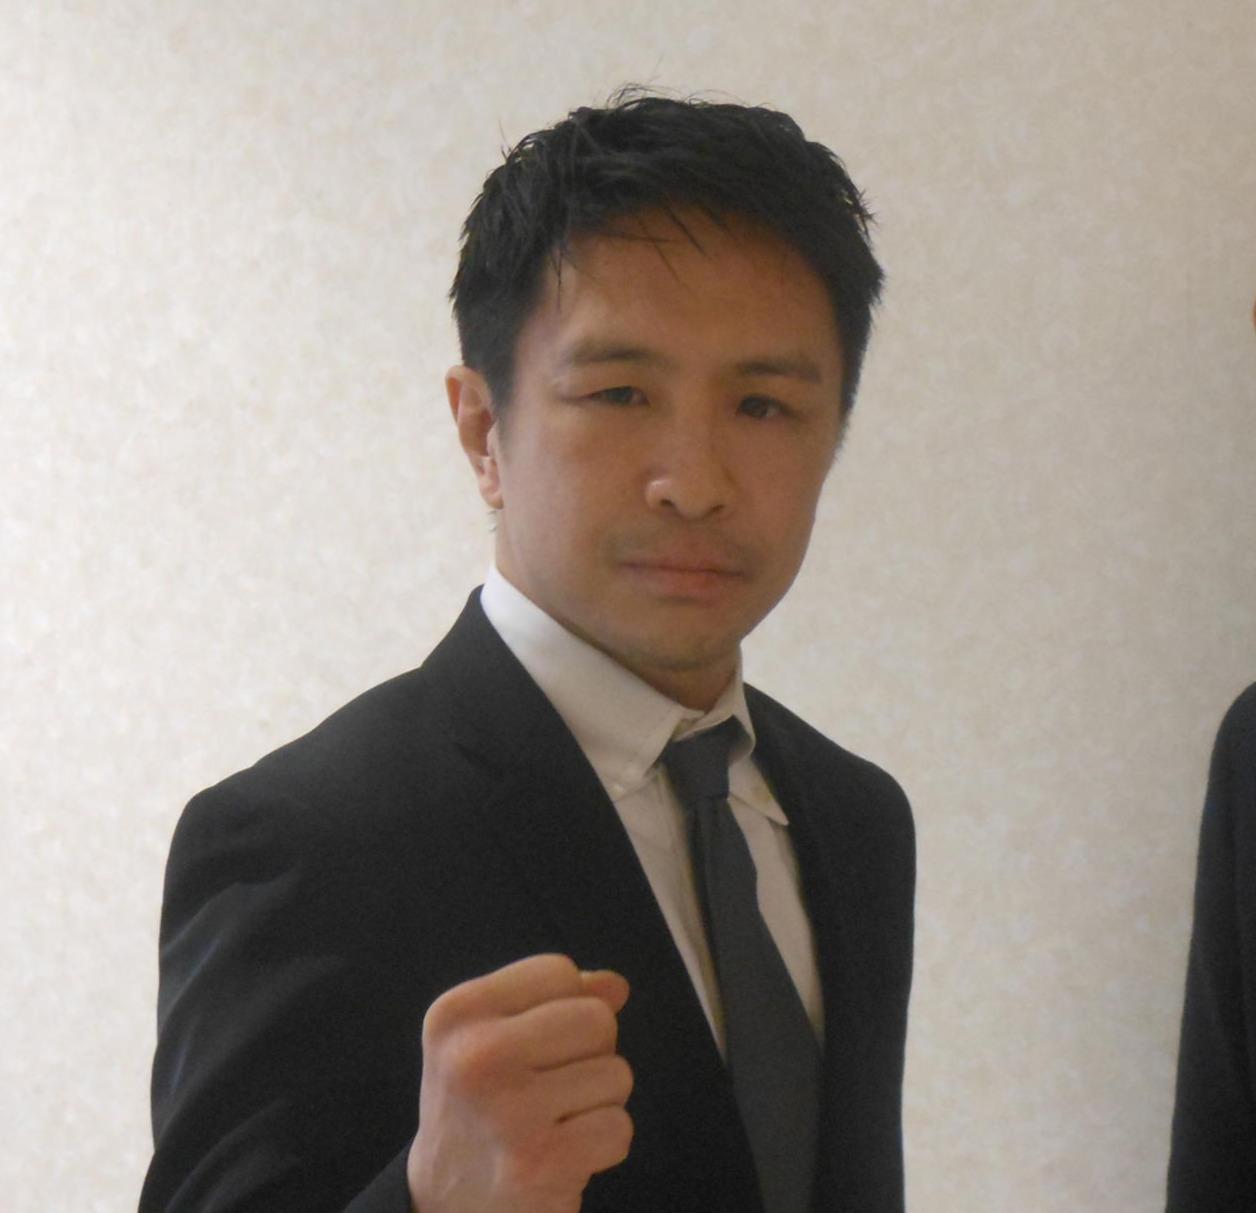 協栄新宿ボクシングジムの瀬藤幹人会長